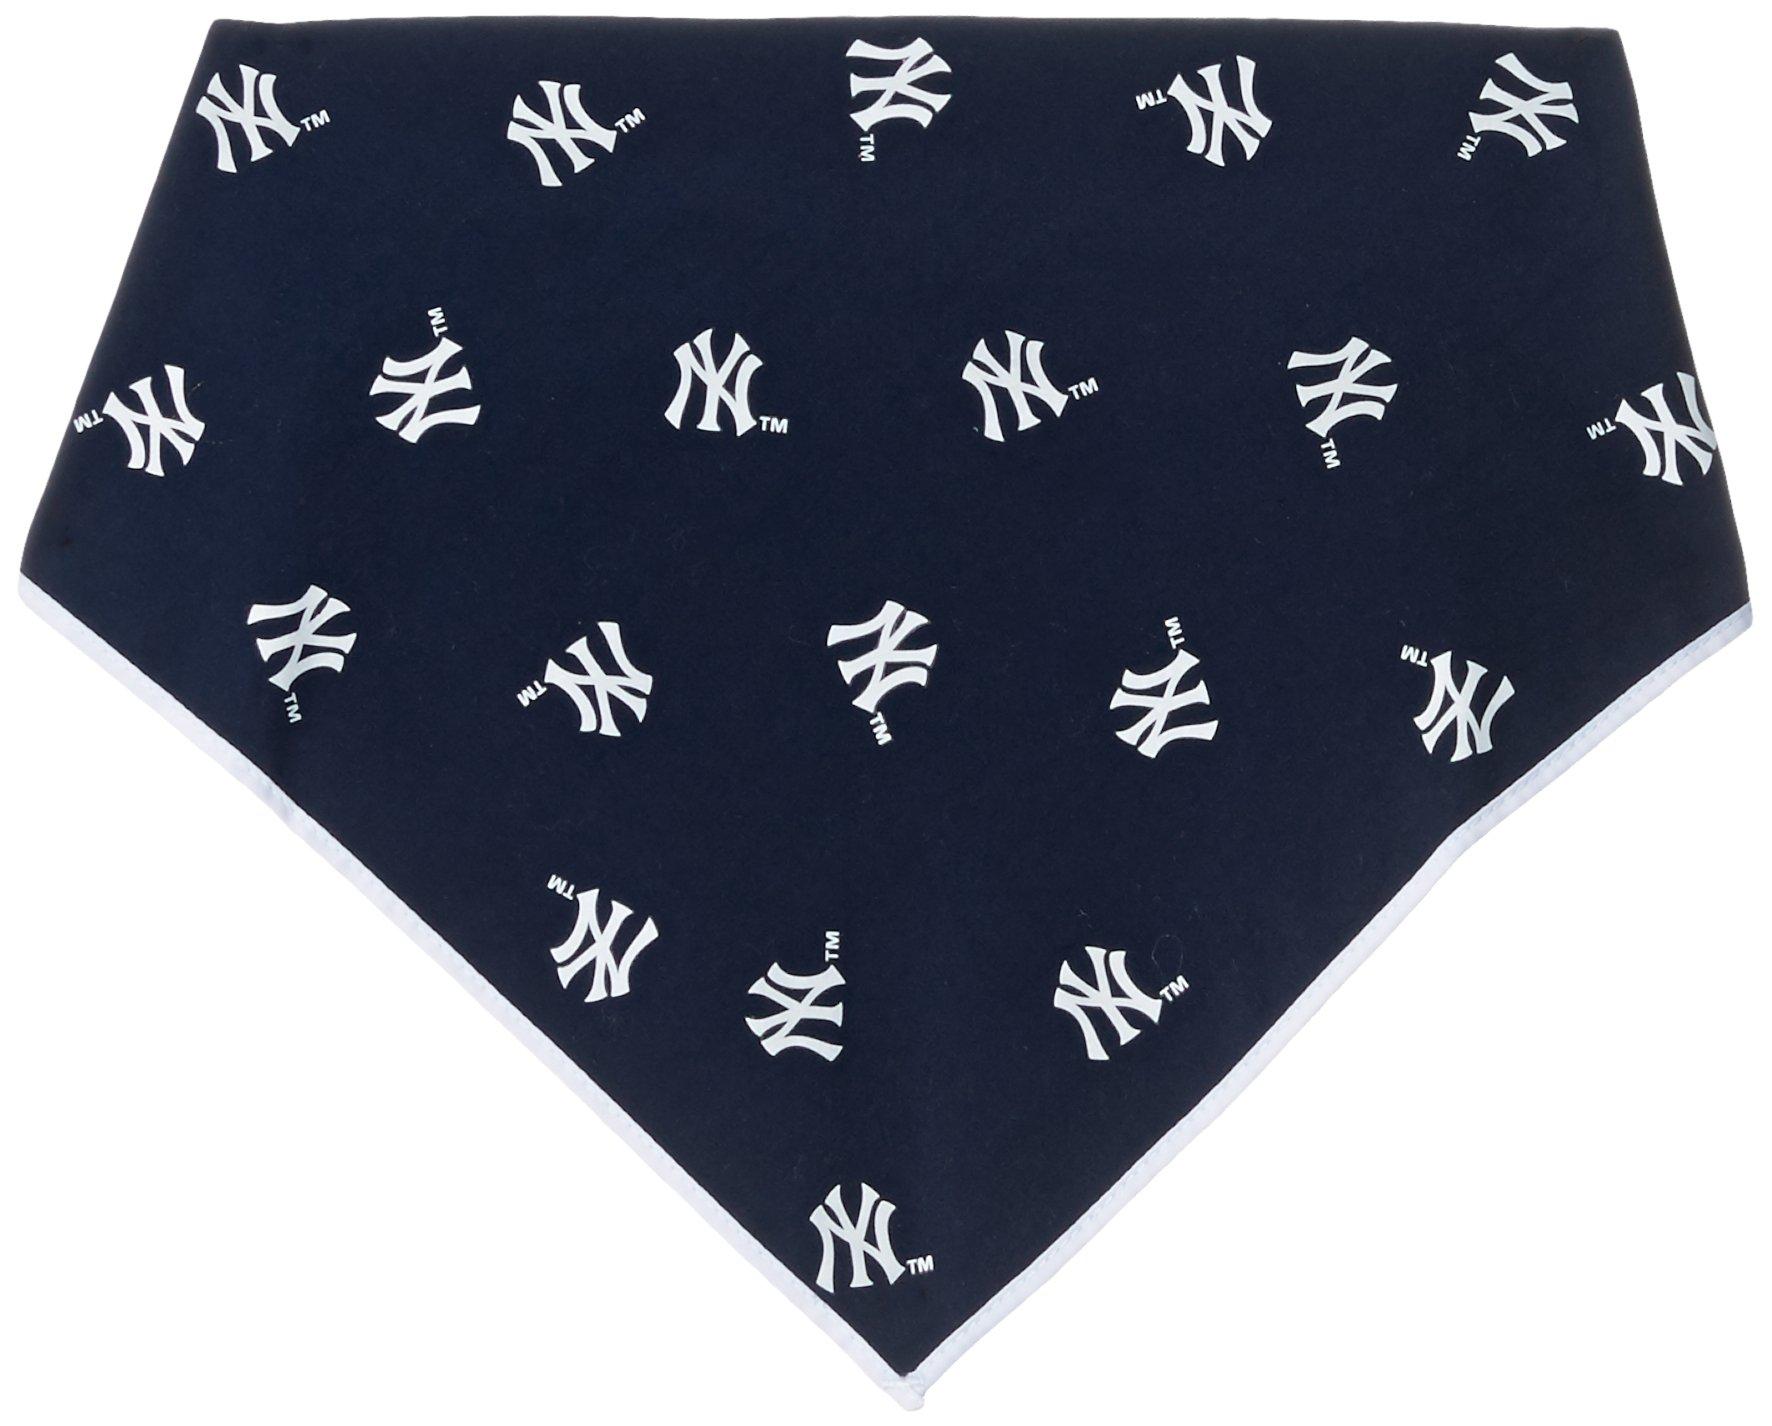 Sporty K9 MLB New York Yankees Dog Bandana, Large